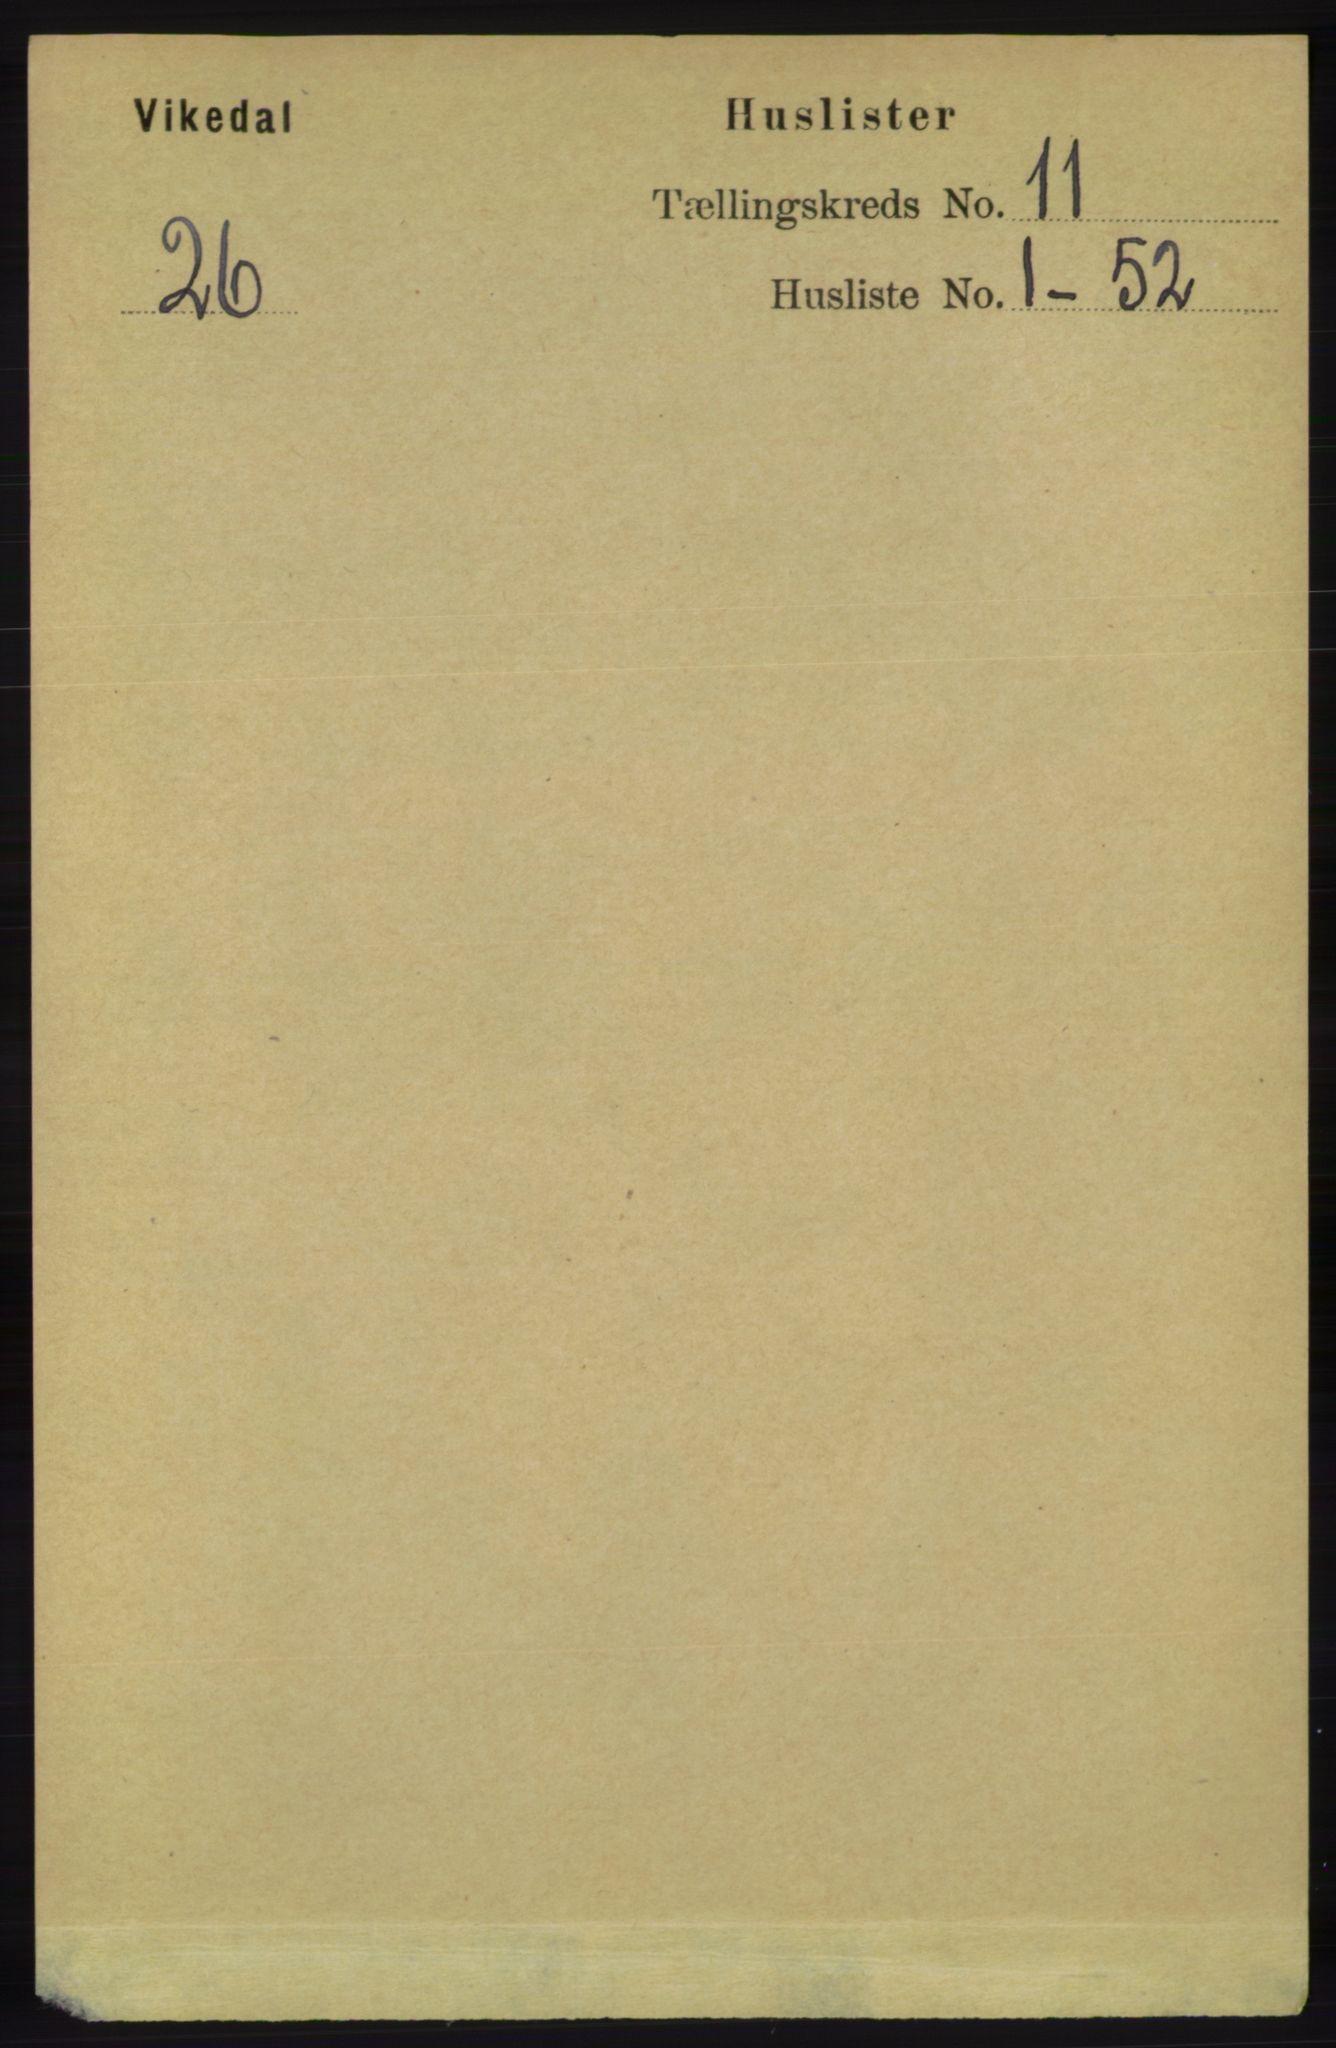 RA, Folketelling 1891 for 1157 Vikedal herred, 1891, s. 2841